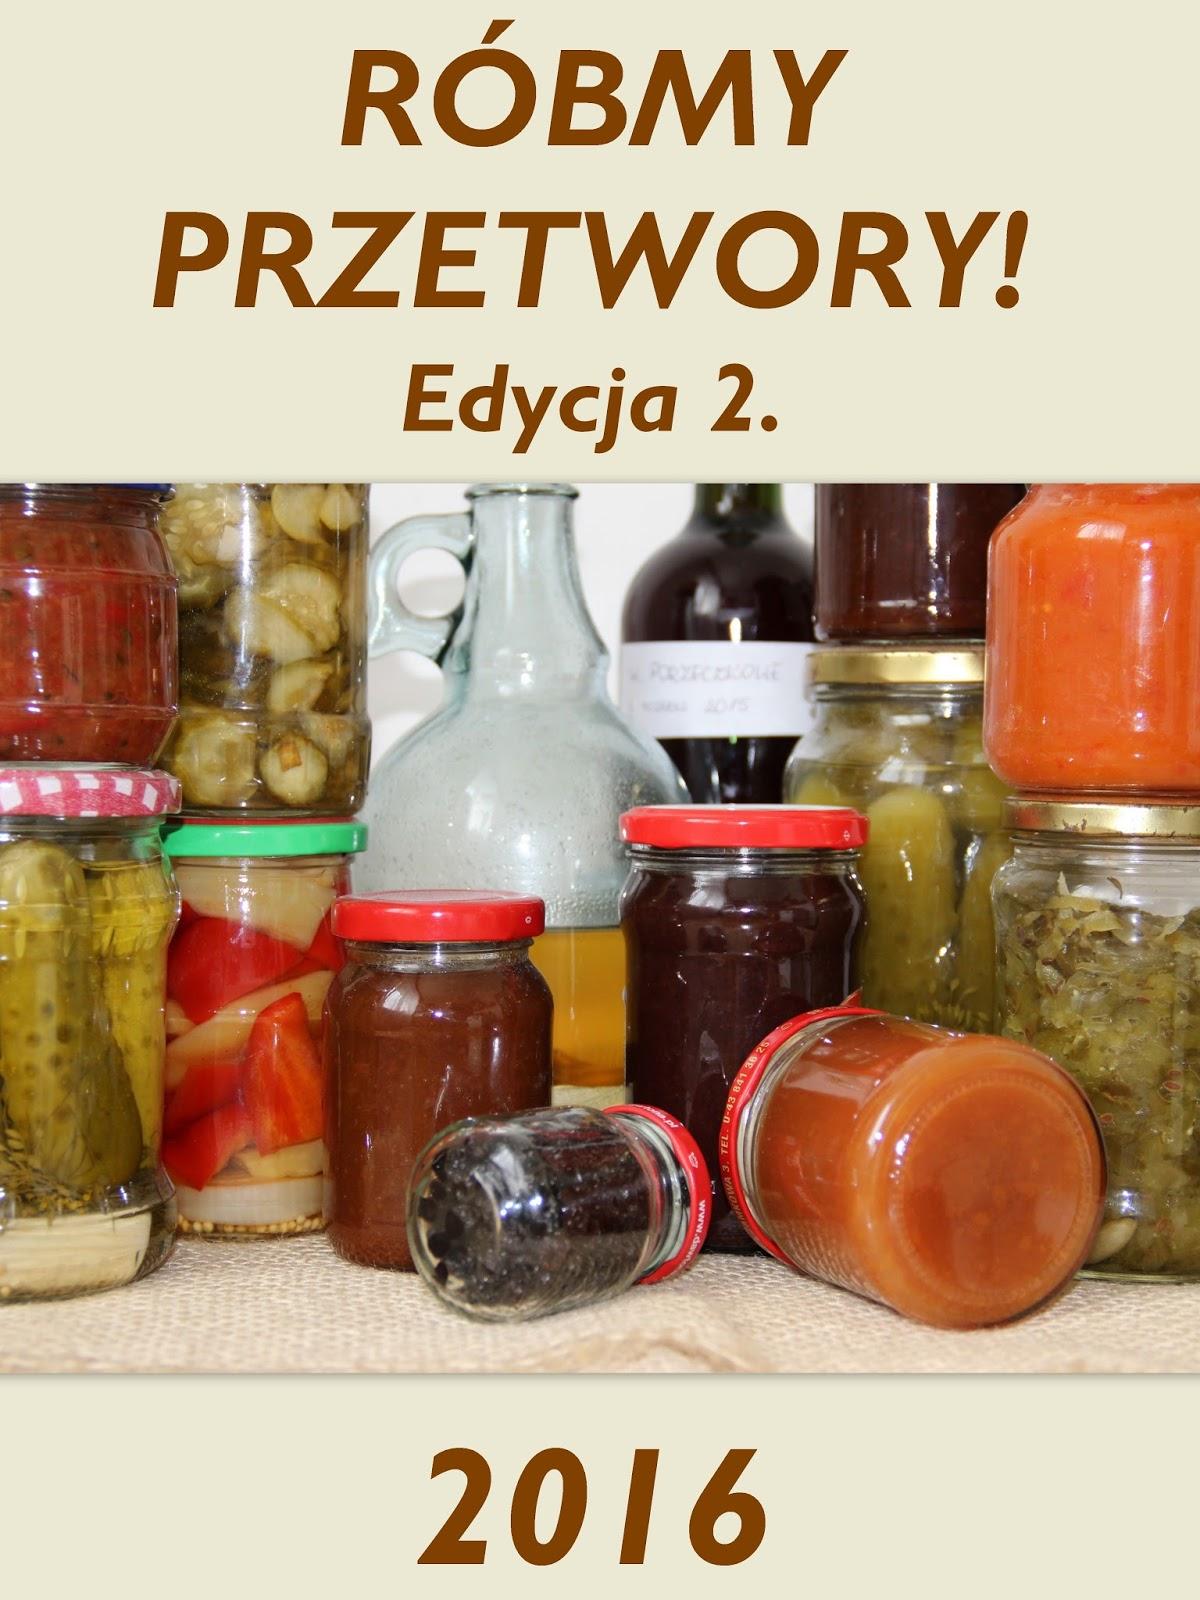 http://weekendywdomuiogrodzie.blogspot.com/2016/06/robmy-przetwory-edycja-2-zaproszenie-do.html